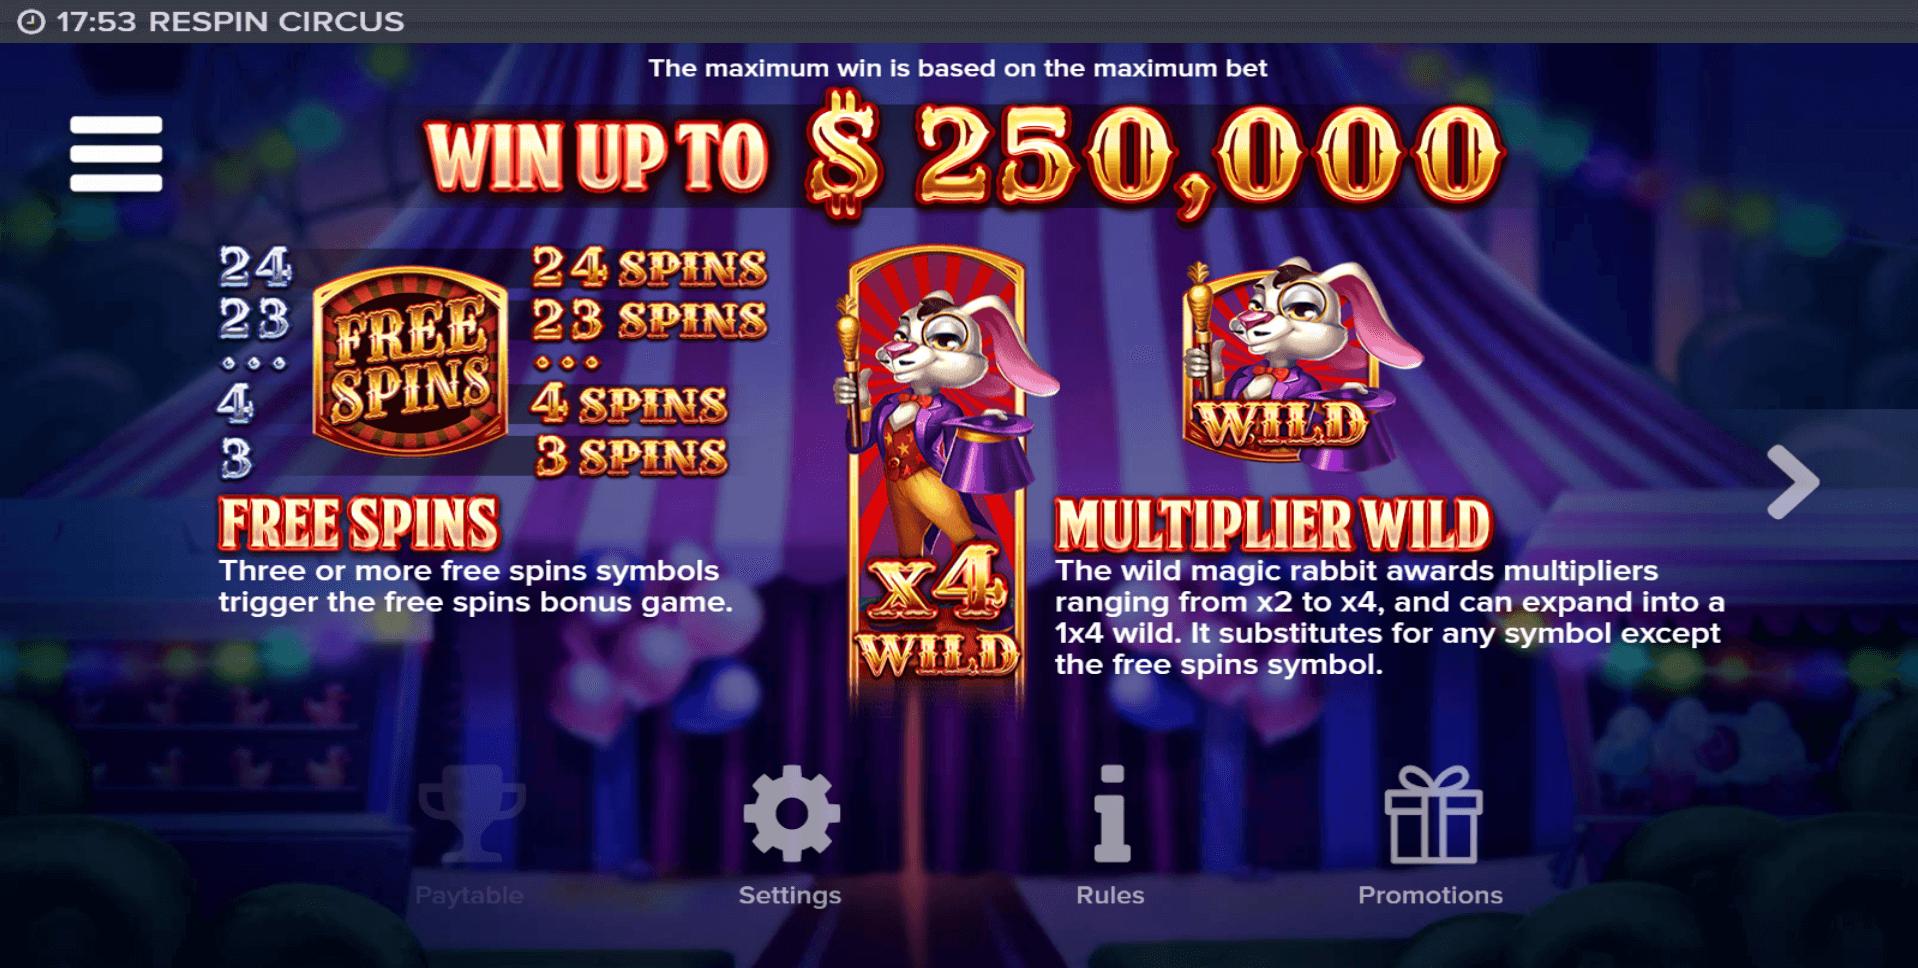 Respin Circus Slot Machine